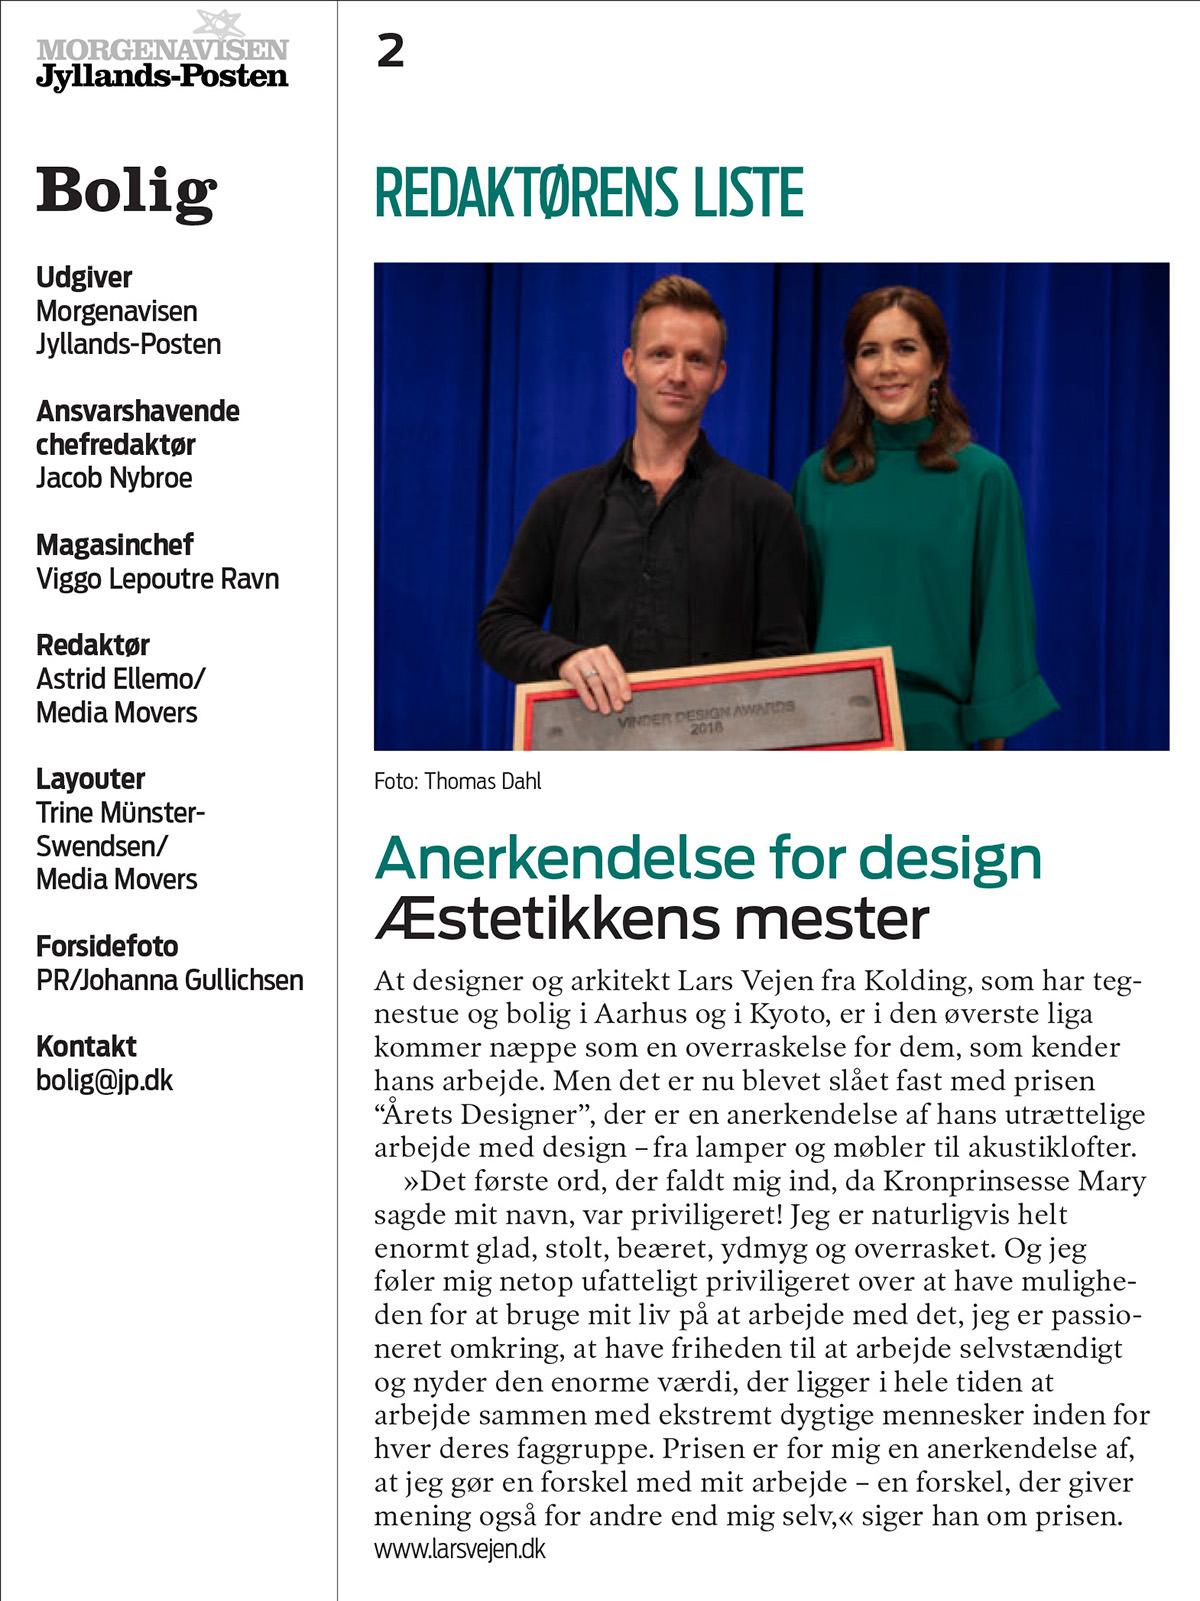 Lars Vejen Årets Designer Kronprinsesse Mary Jyllands-Posten_2018-10-07